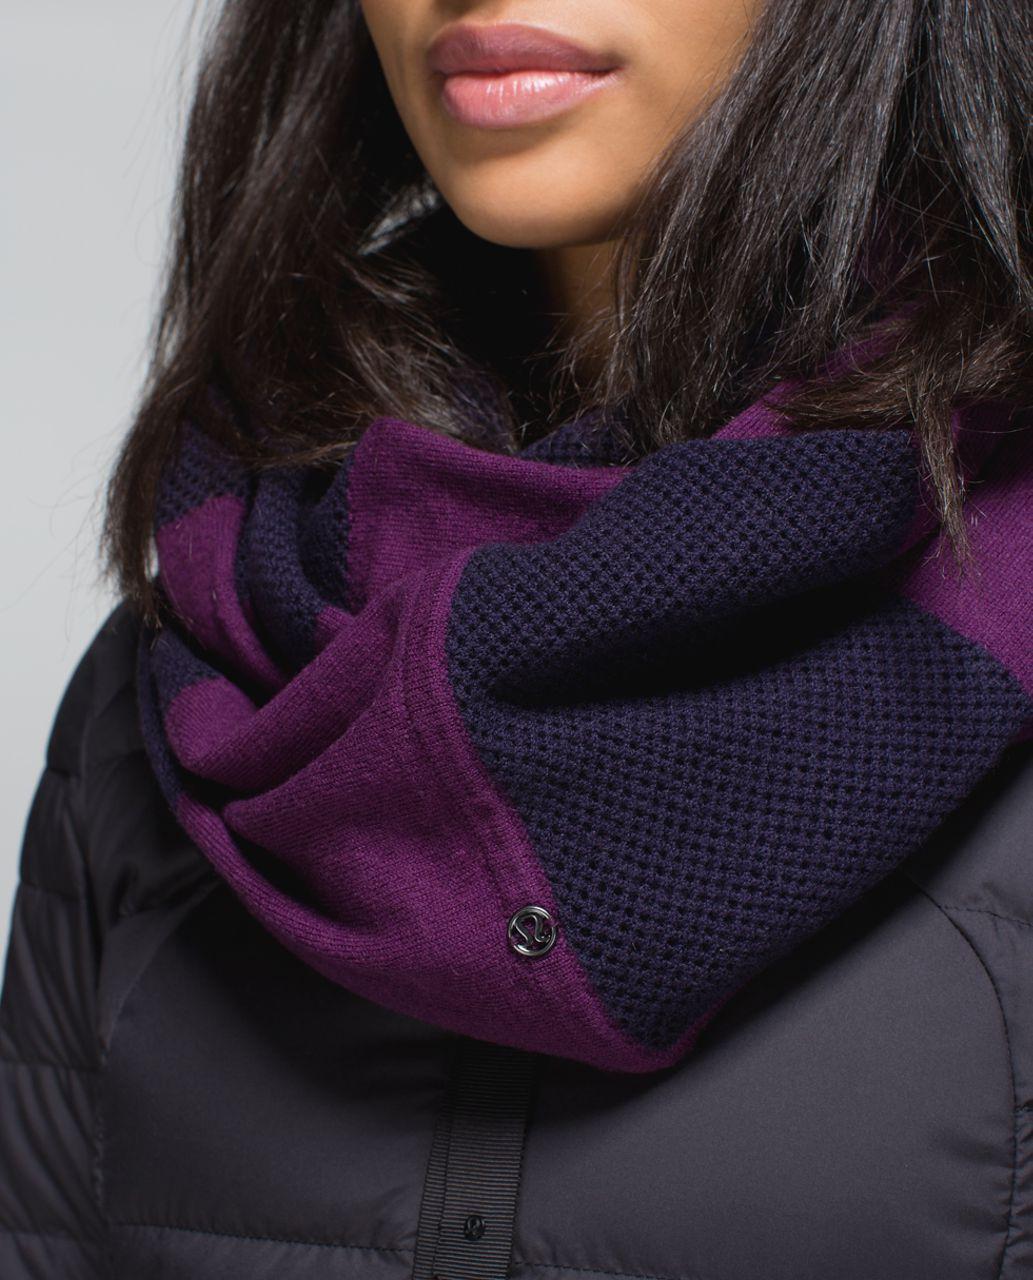 Lululemon Heart Opener Scarf *Wool - Black Grape / Berry Yum Yum